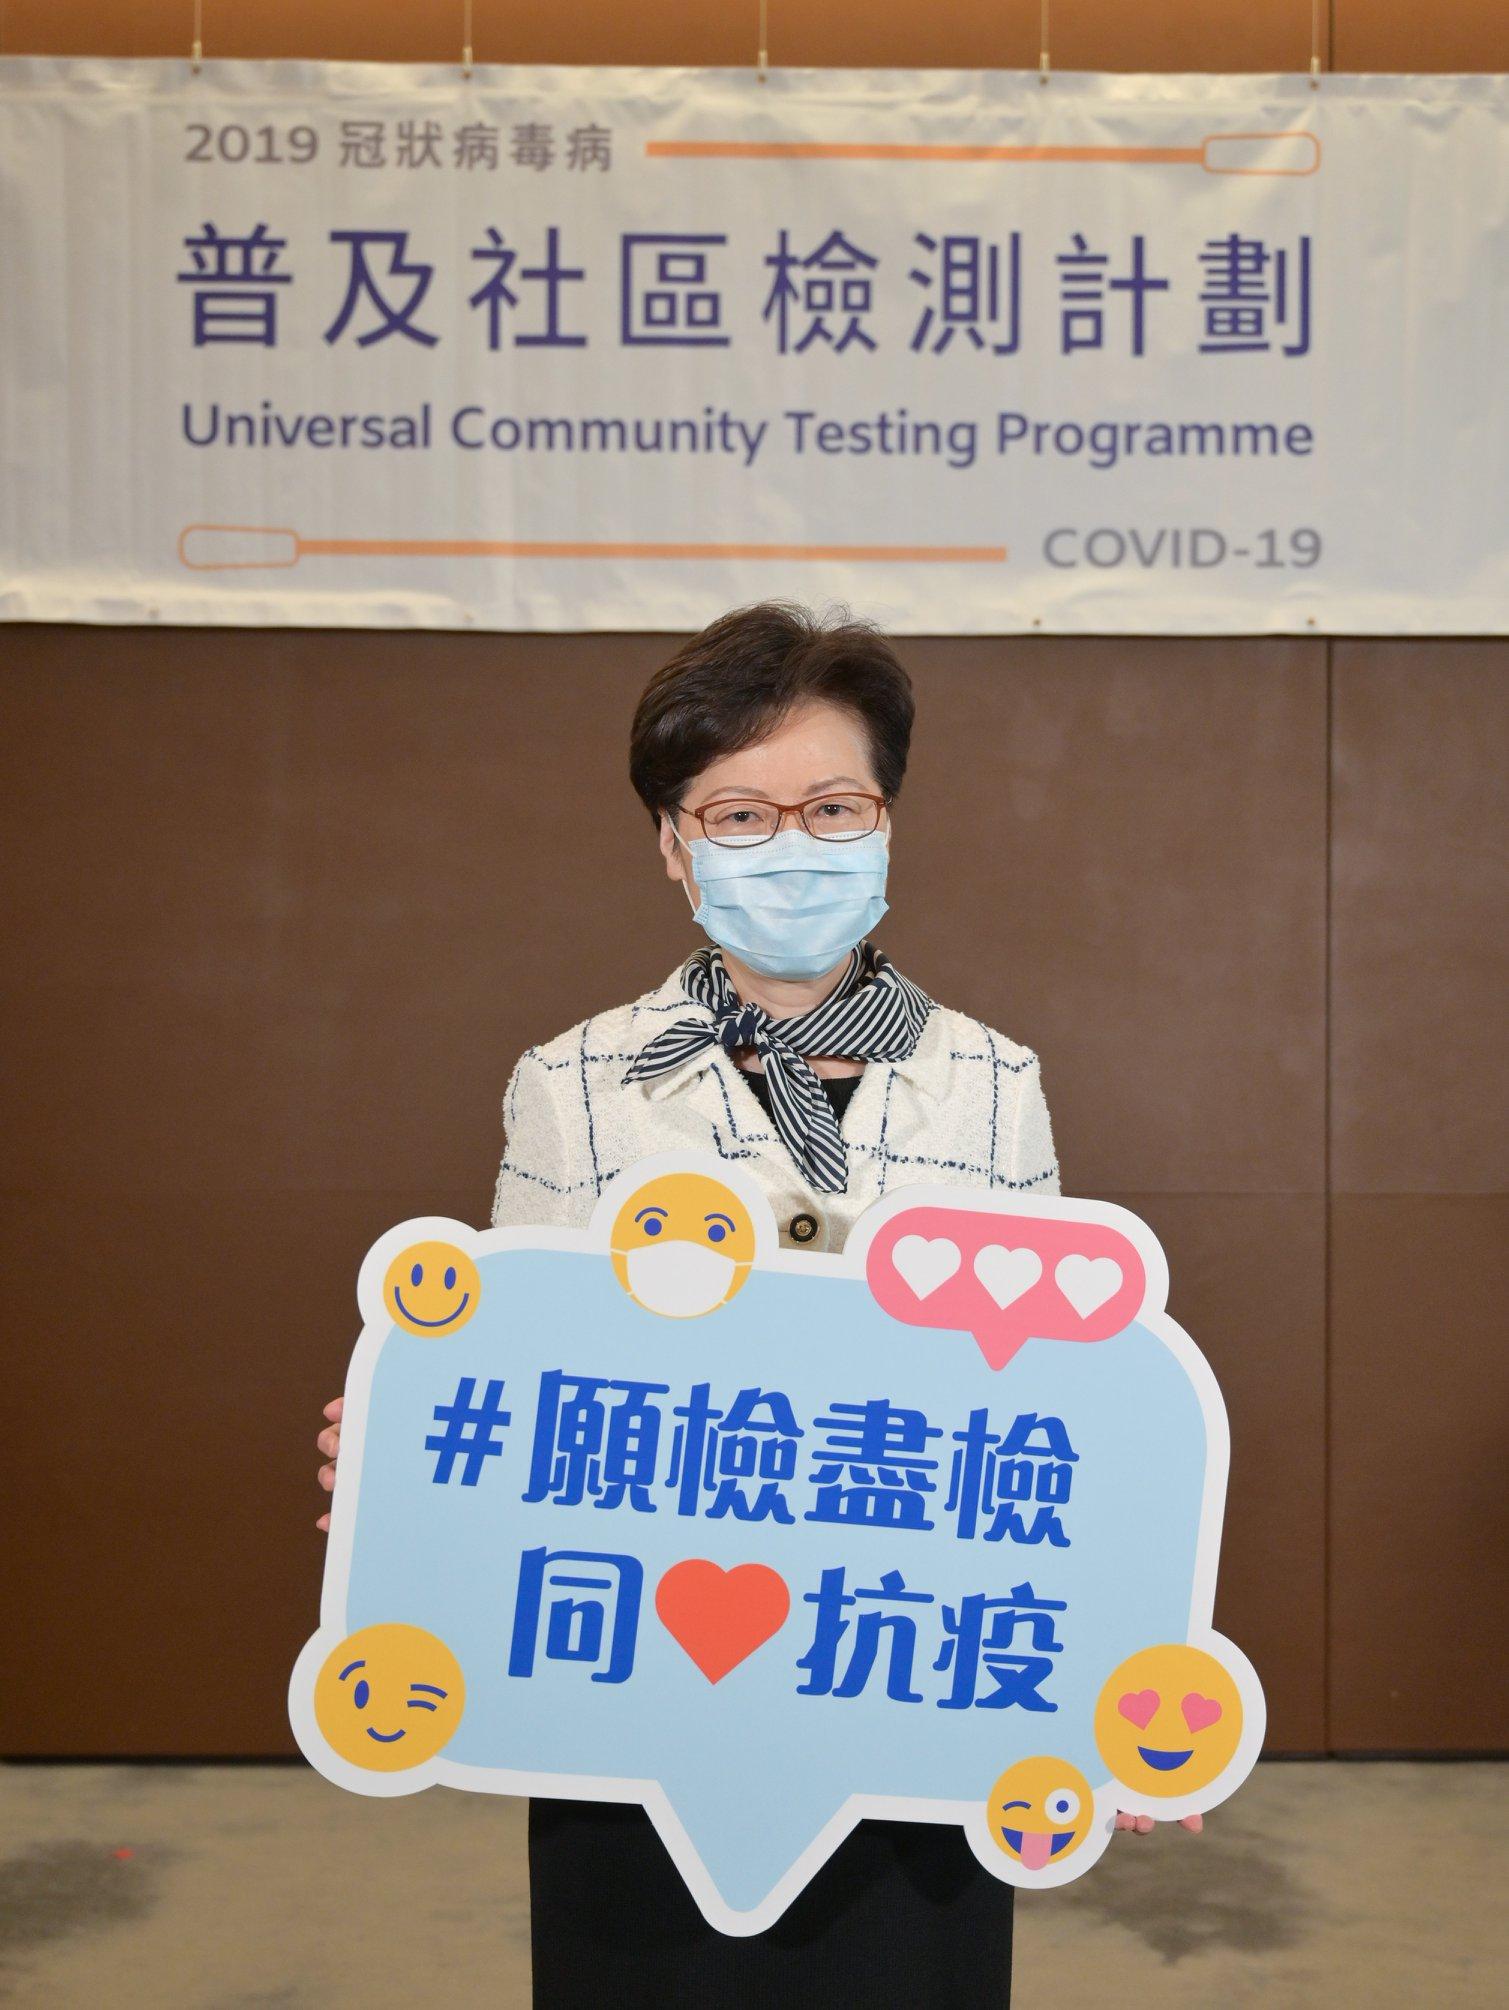 林鄭月娥呼籲市民踴躍參與普檢。(林鄭FB圖片)